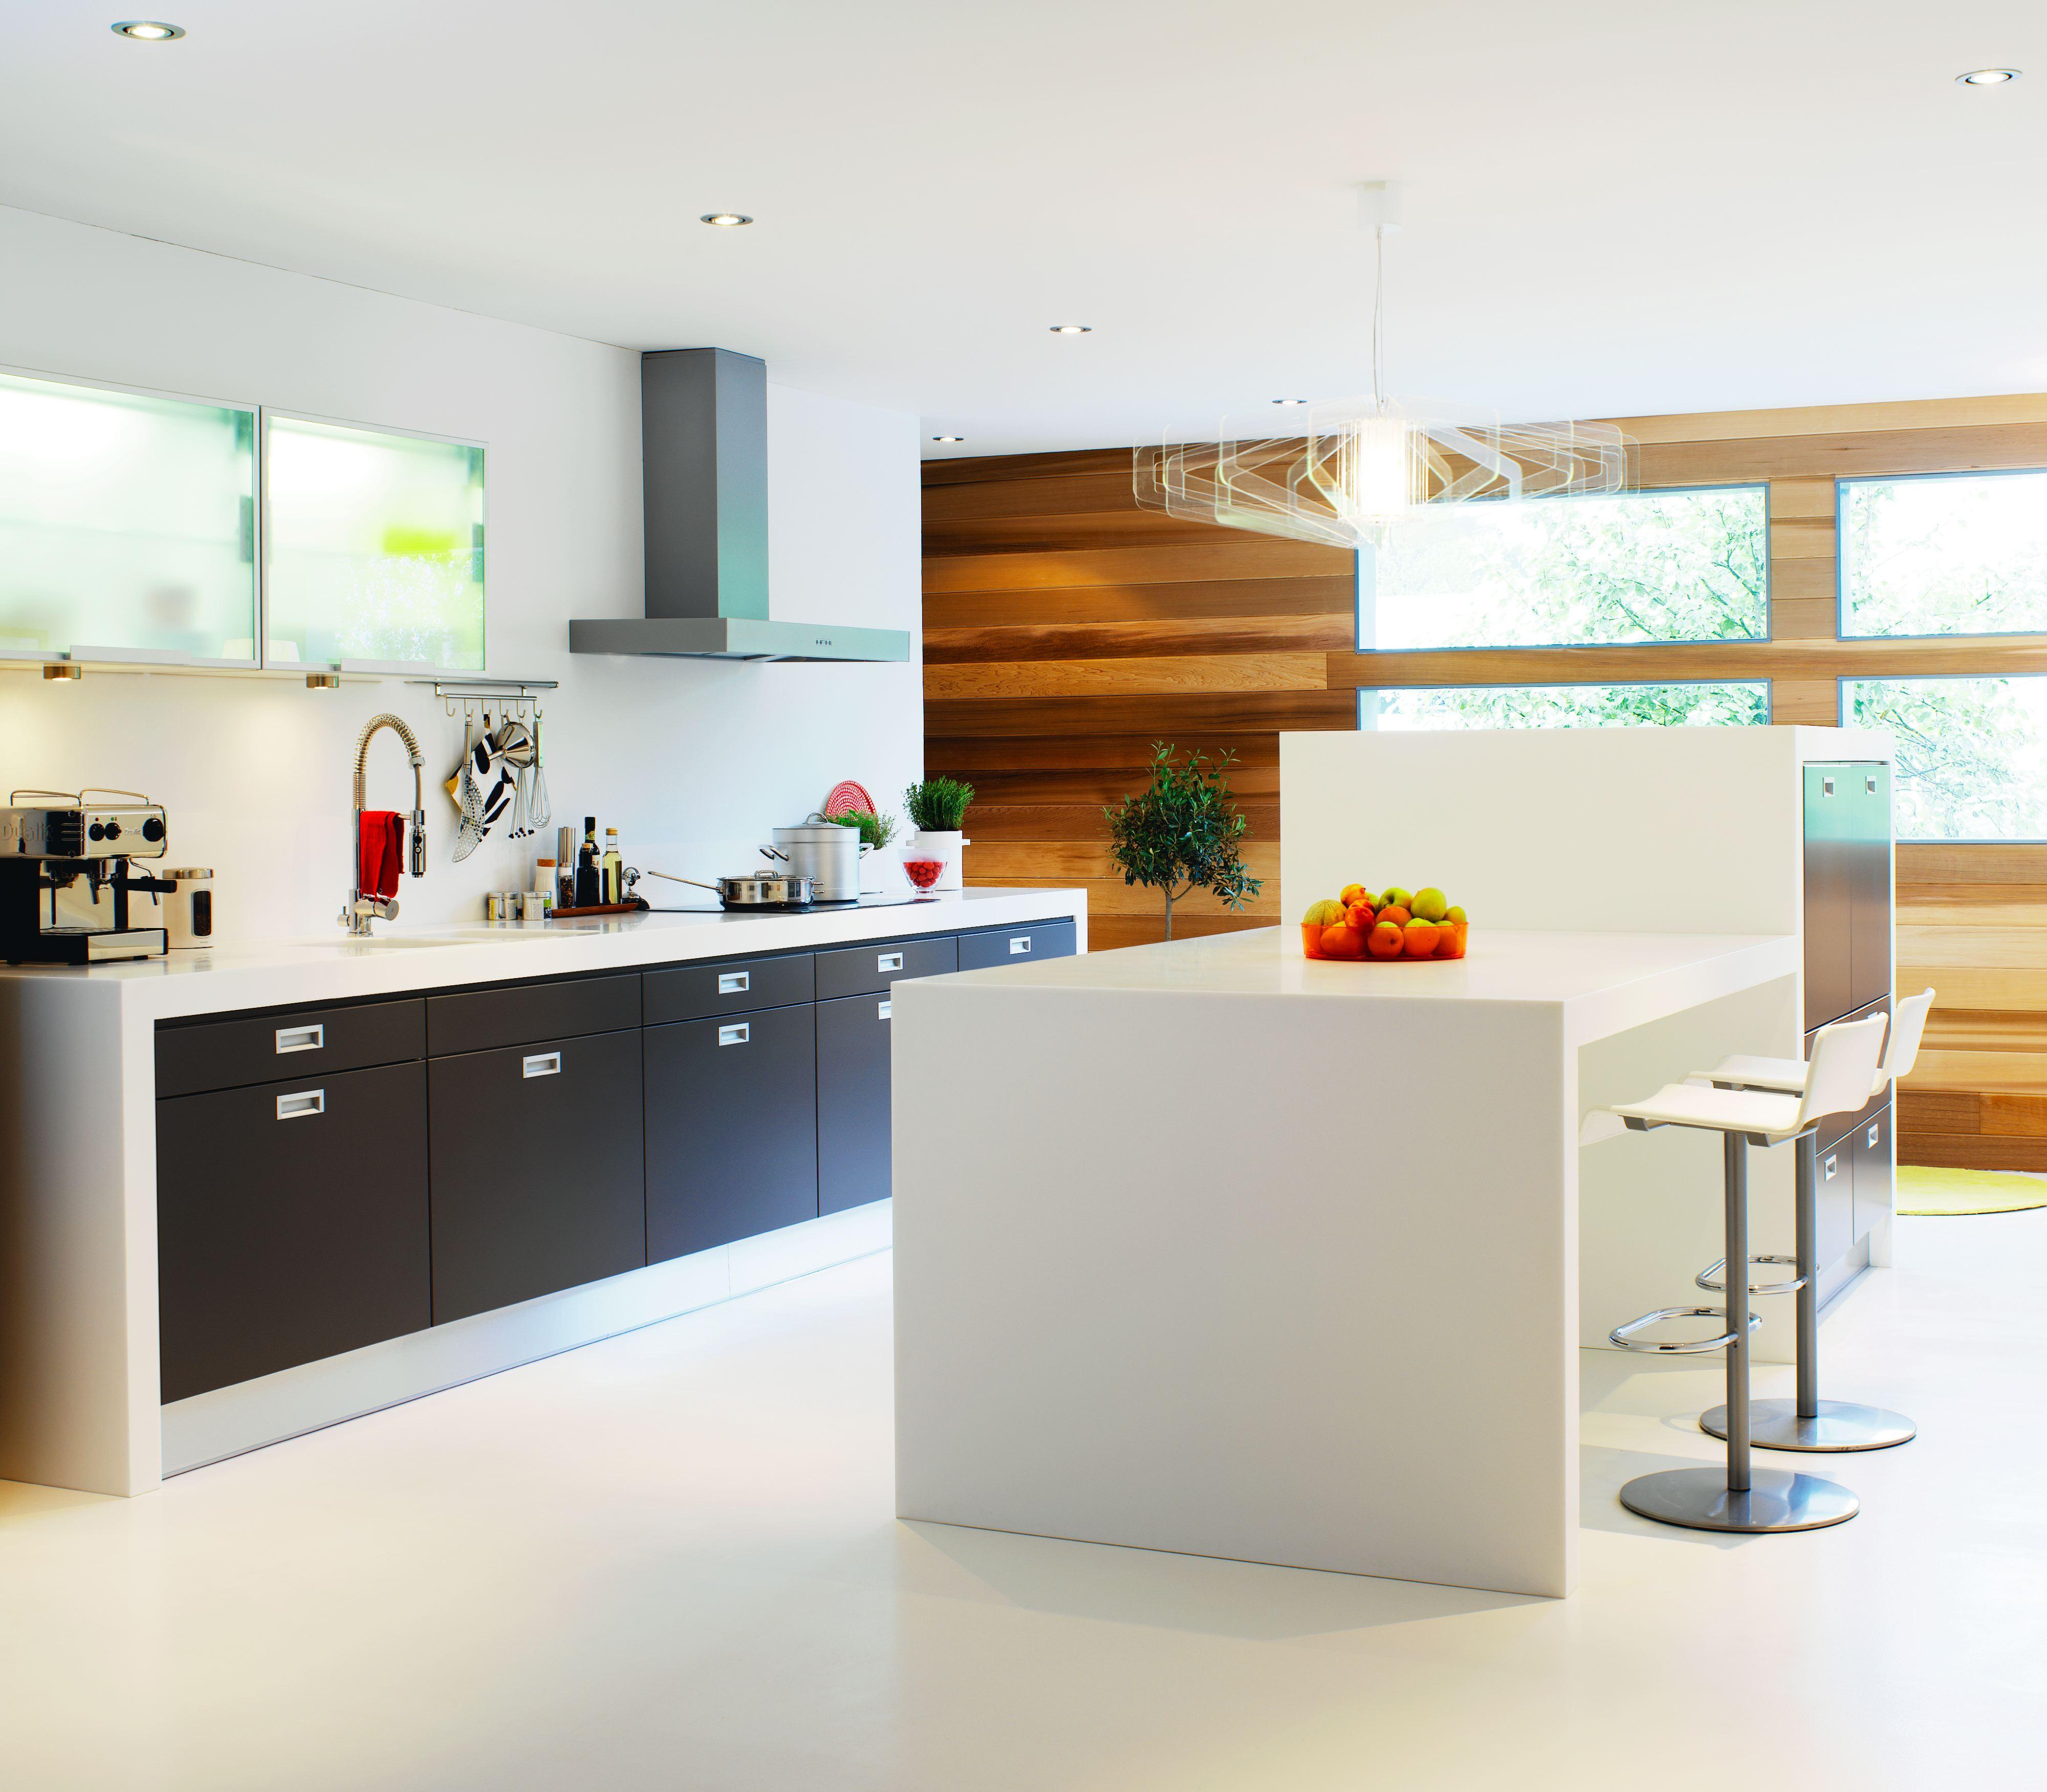 Design Lampor Kok : design lampor kok  Holl utkik efter Badrum & Vardagsrum som kommer